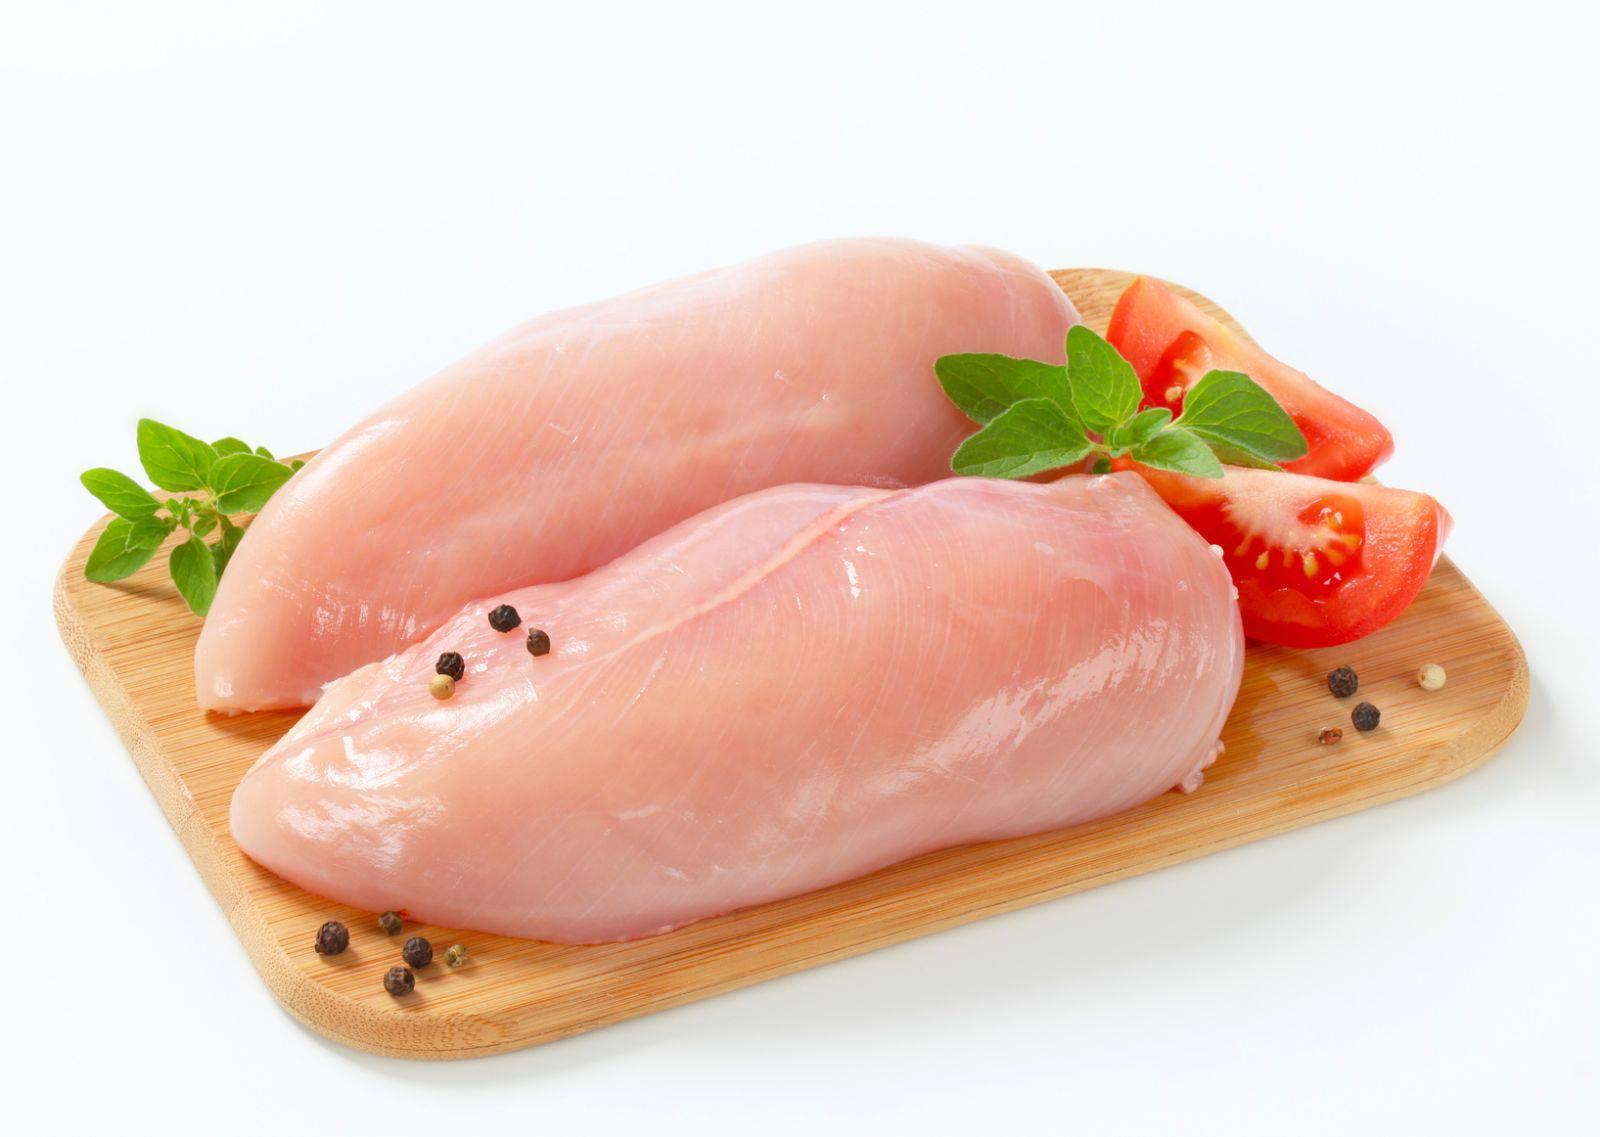 Bật mí 5 loại thịt giàu protein và ít béo giúp giảm cân hiệu quả